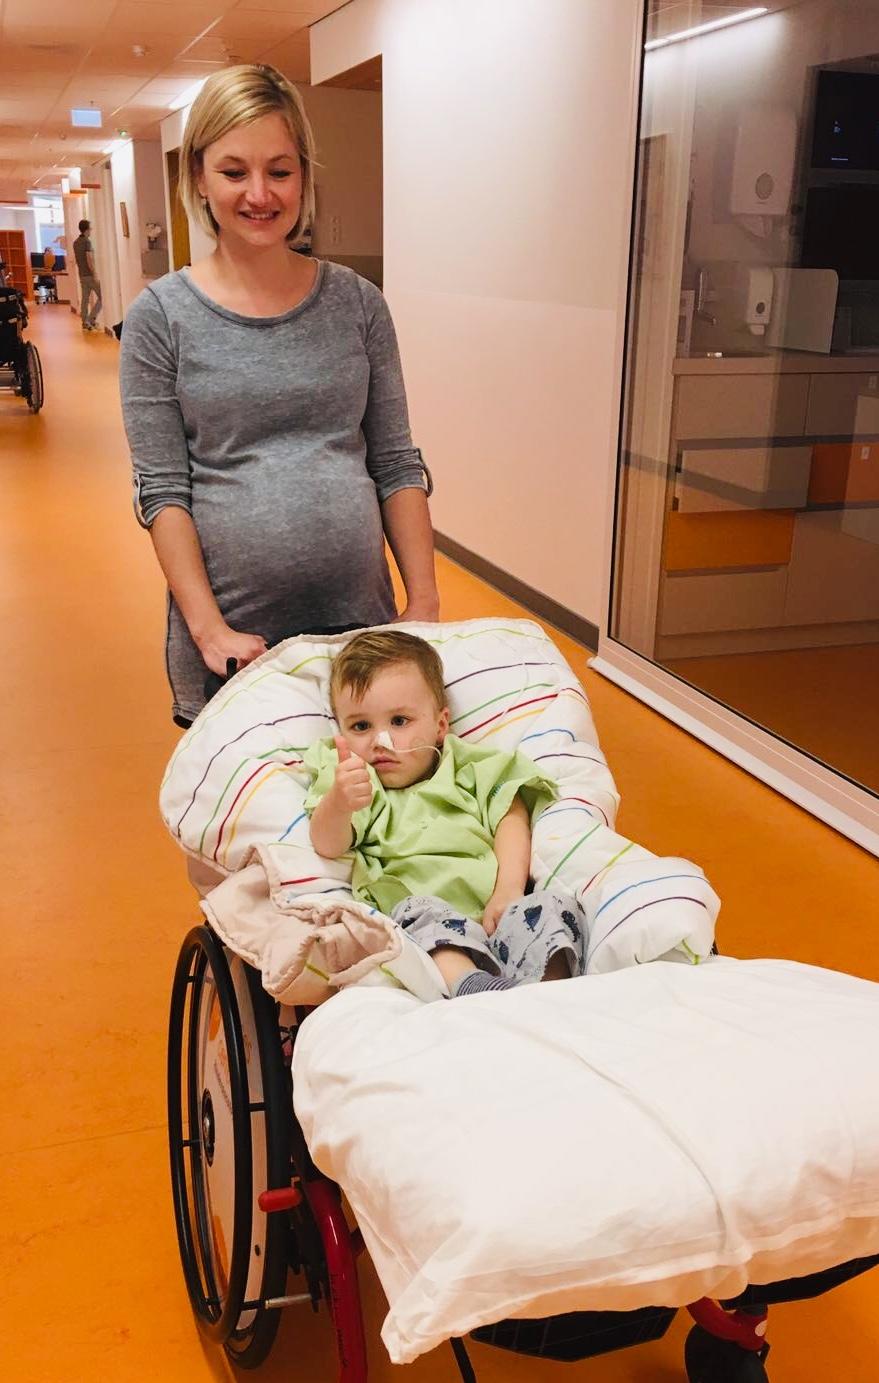 hersentumor Loek kanker kinderkanker newborn geboorte.jpeg